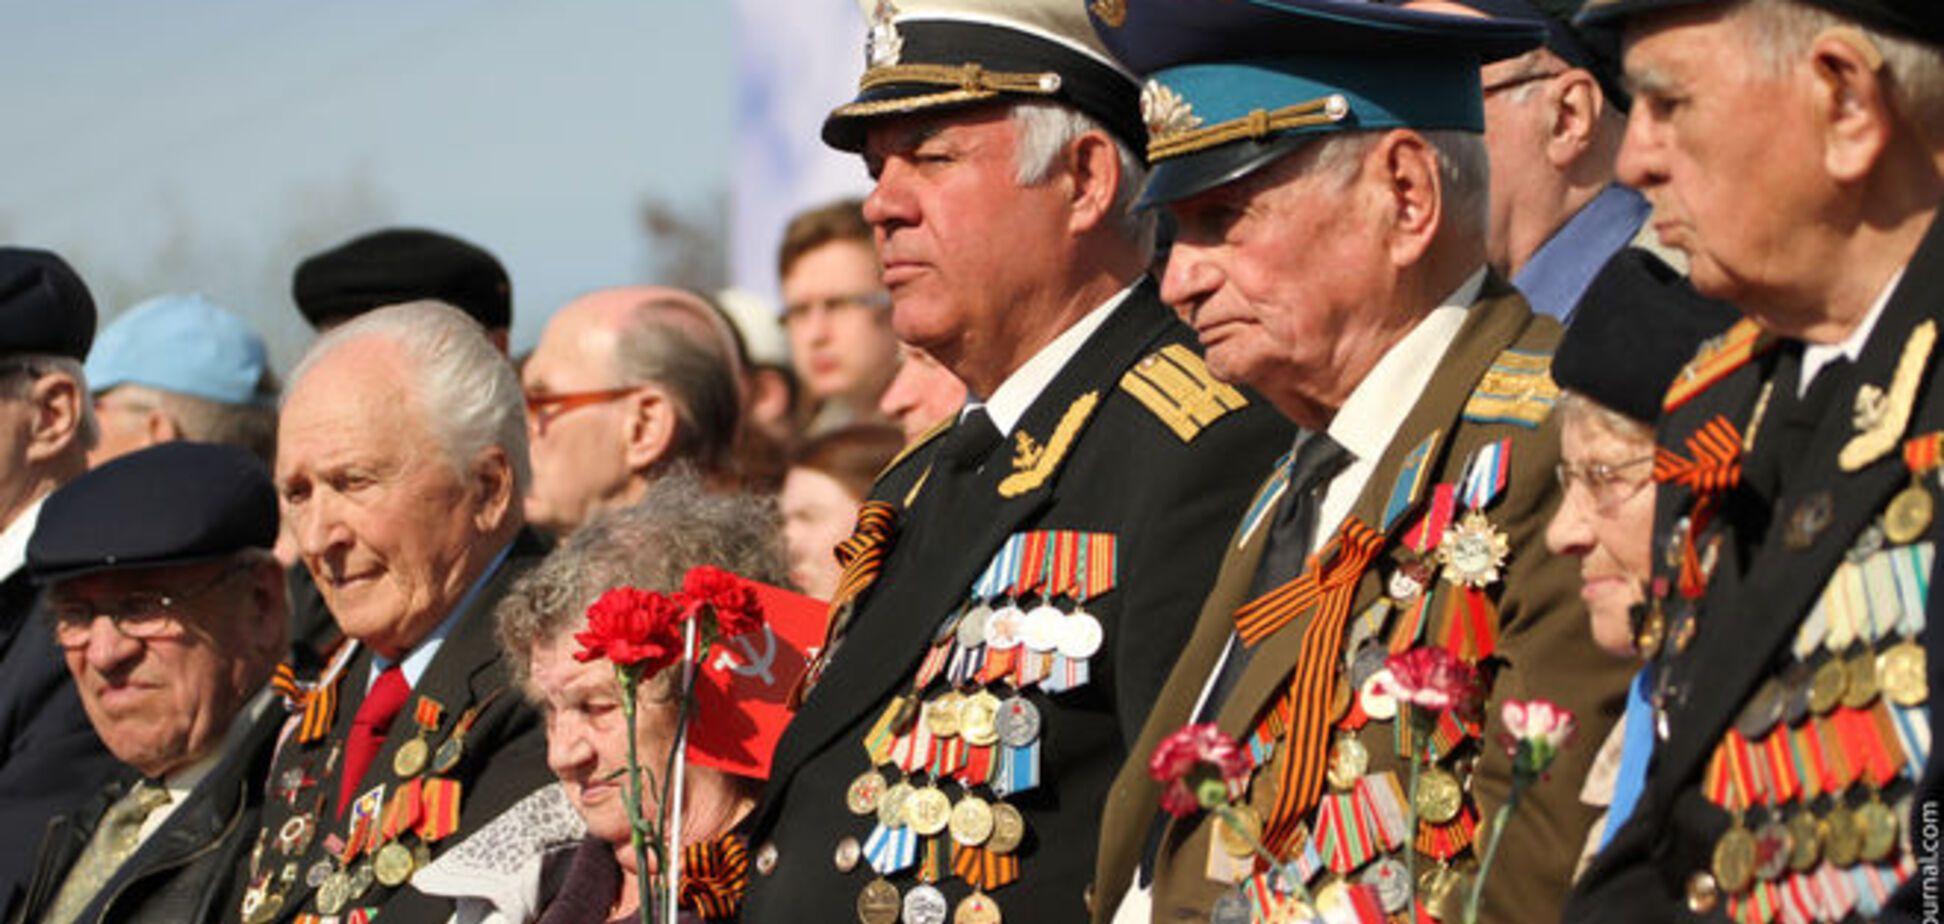 Оккупанты на 9 мая намерены вывезти ветеранов из Донбасса в Москву